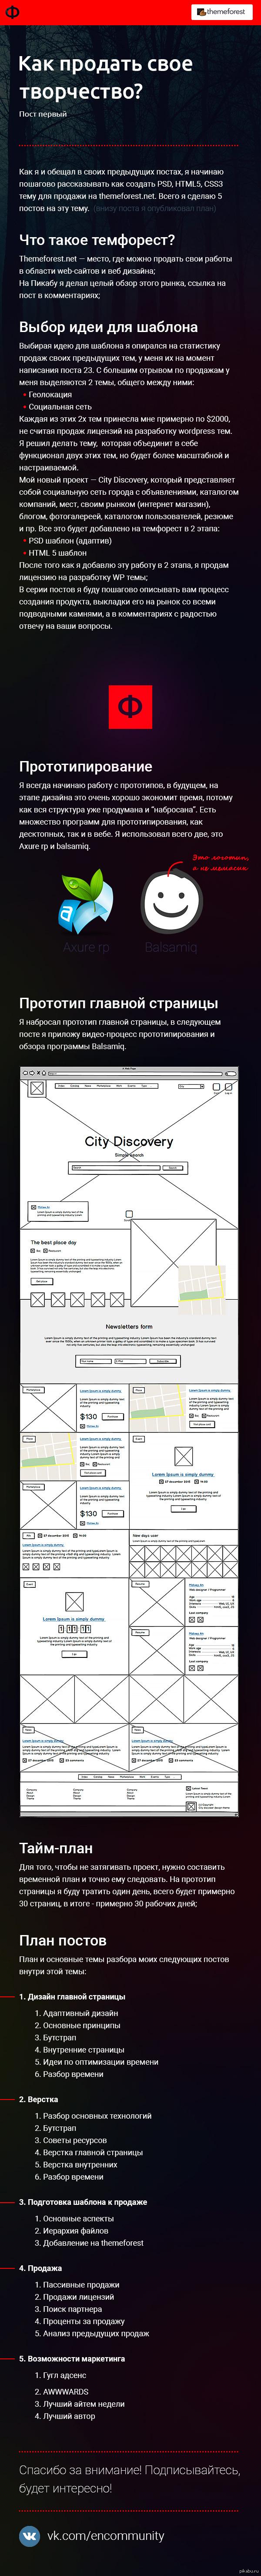 Как продать свое творчество? Часть 2. Первый пост из 5ти, в которых я буду поэтапно создавать html 5 тему для продажи на темфоресте